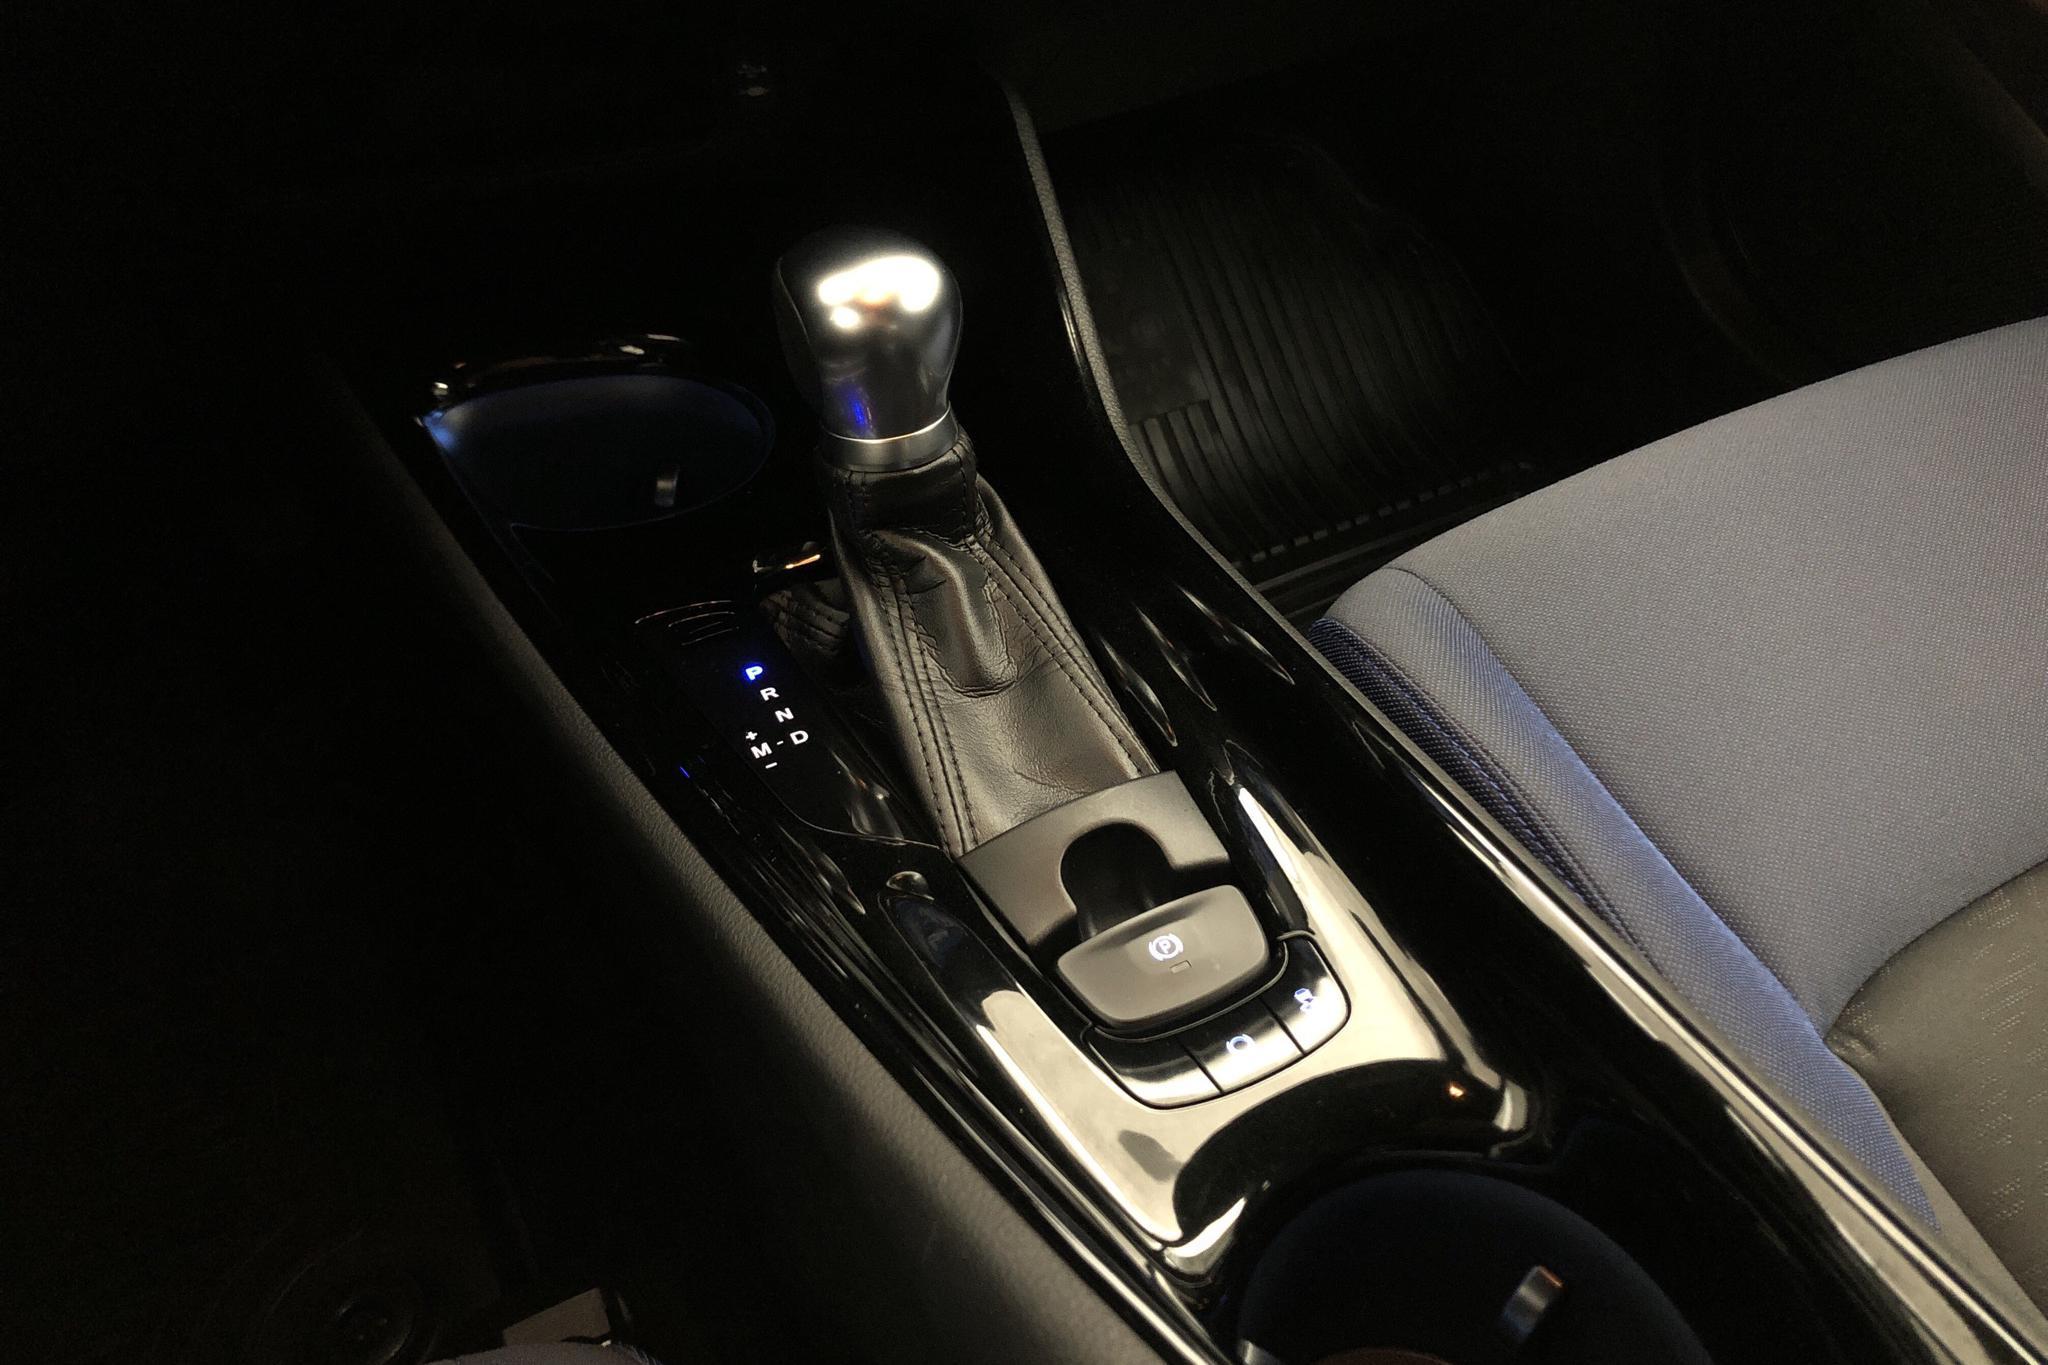 Toyota C-HR 1.2T AWD (116hk) - 25 360 km - Automatic - Dark Grey - 2017